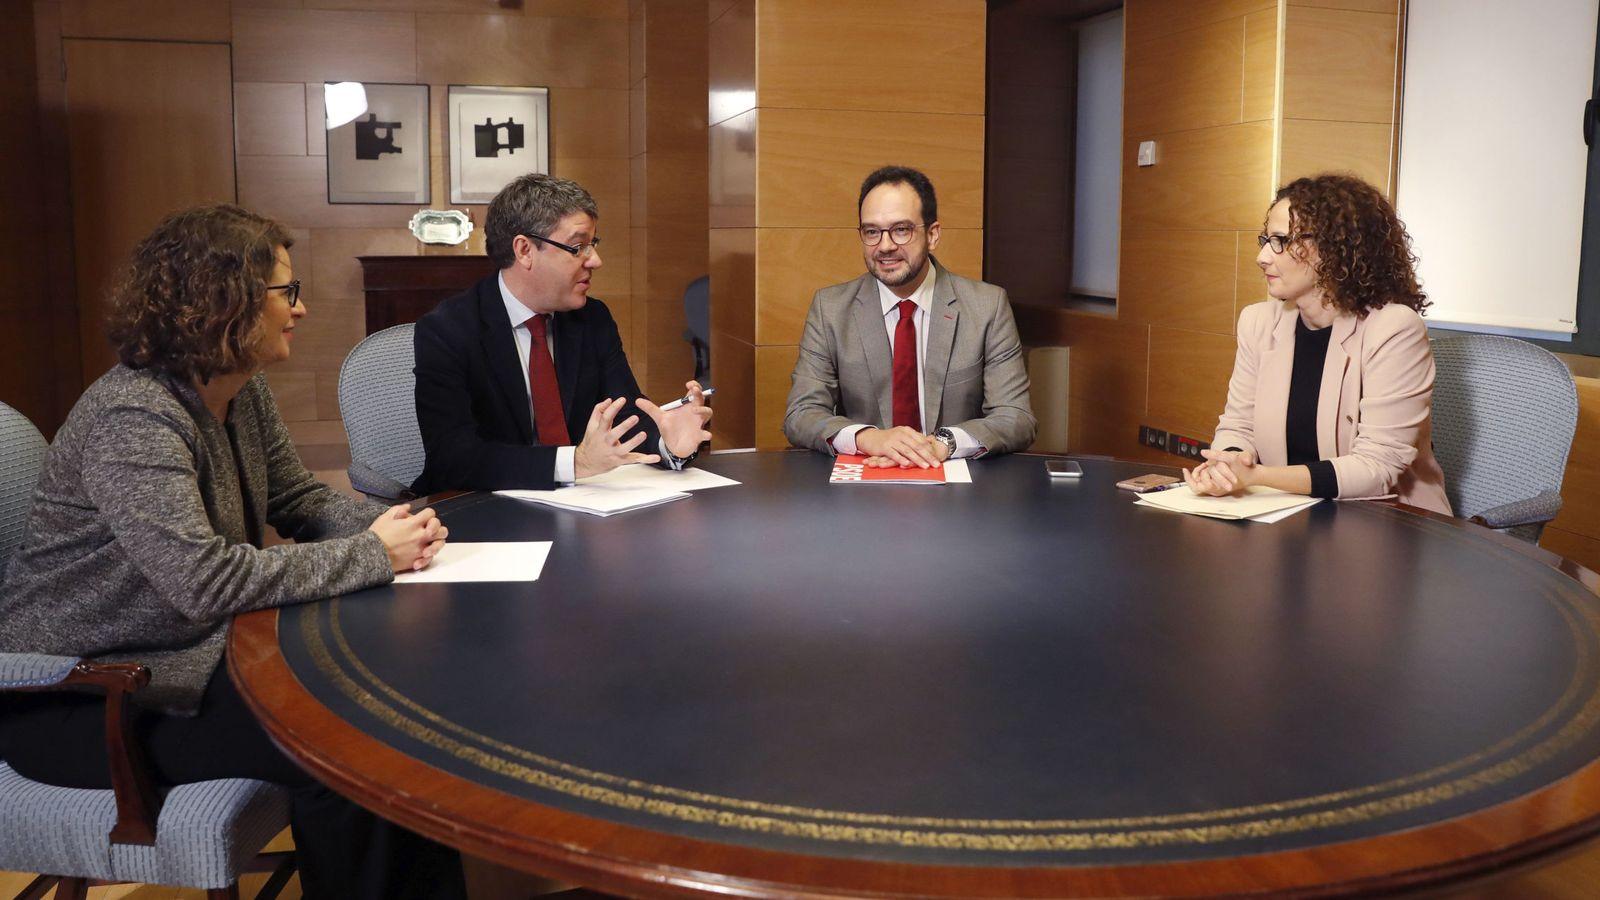 Foto: El ministro Álvaro Nadal junto a Antonio Hernando y la portavoz socialista de Energía, Pilar Lucio, este 21 de diciembre en el Congreso. (EFE)